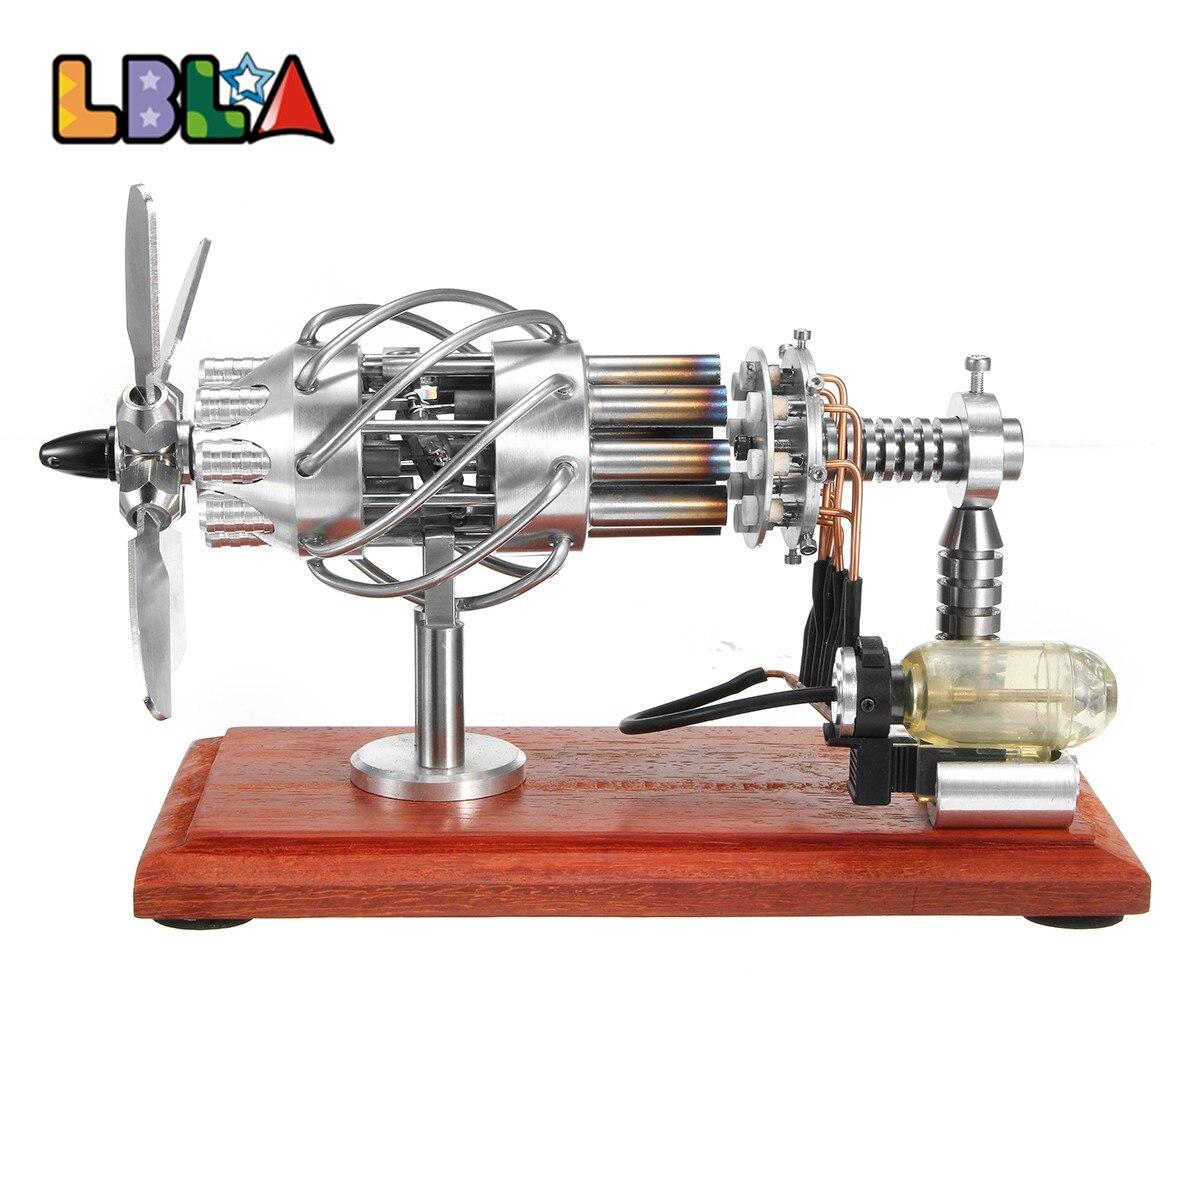 LBLA 16 cylindre Air chaud Stirling moteur moteur modèle moteur jouet moteur nouveau Air chaud plaque Swash jouets enfants éducatifs